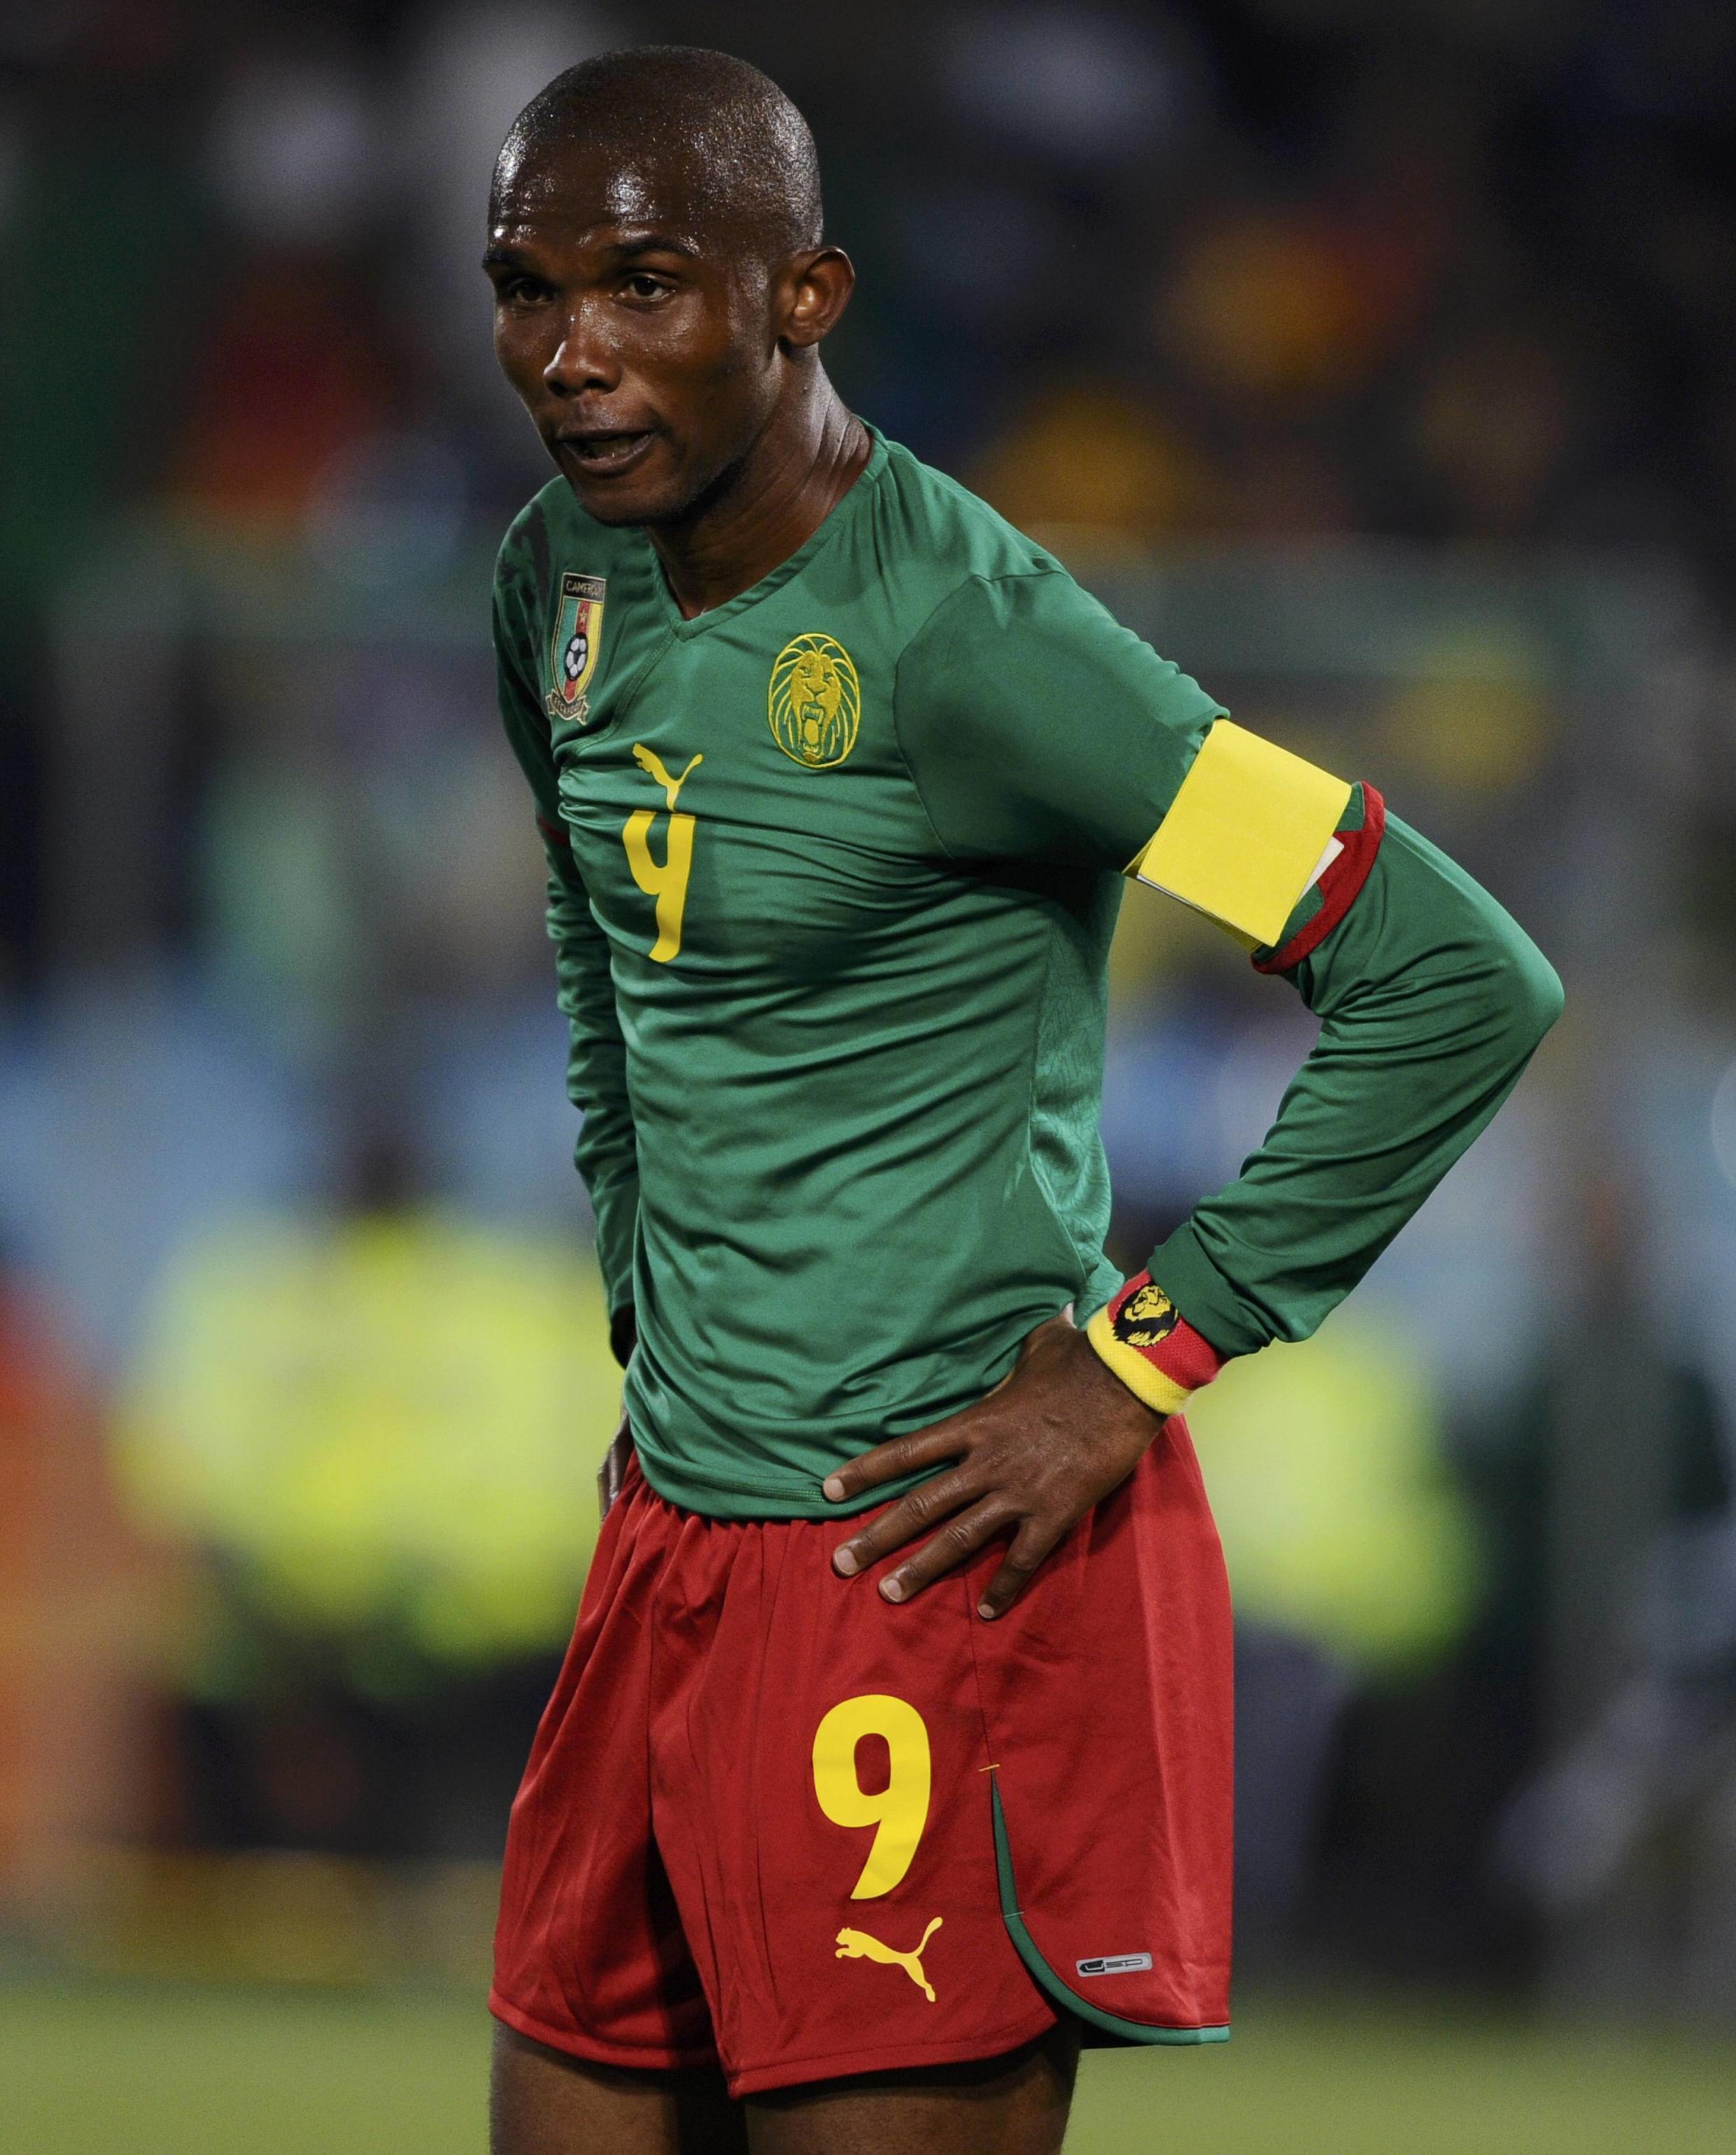 Toute la déception de Samuel Eto'o. Le Cameroun est éliminé du Mondial 2010.